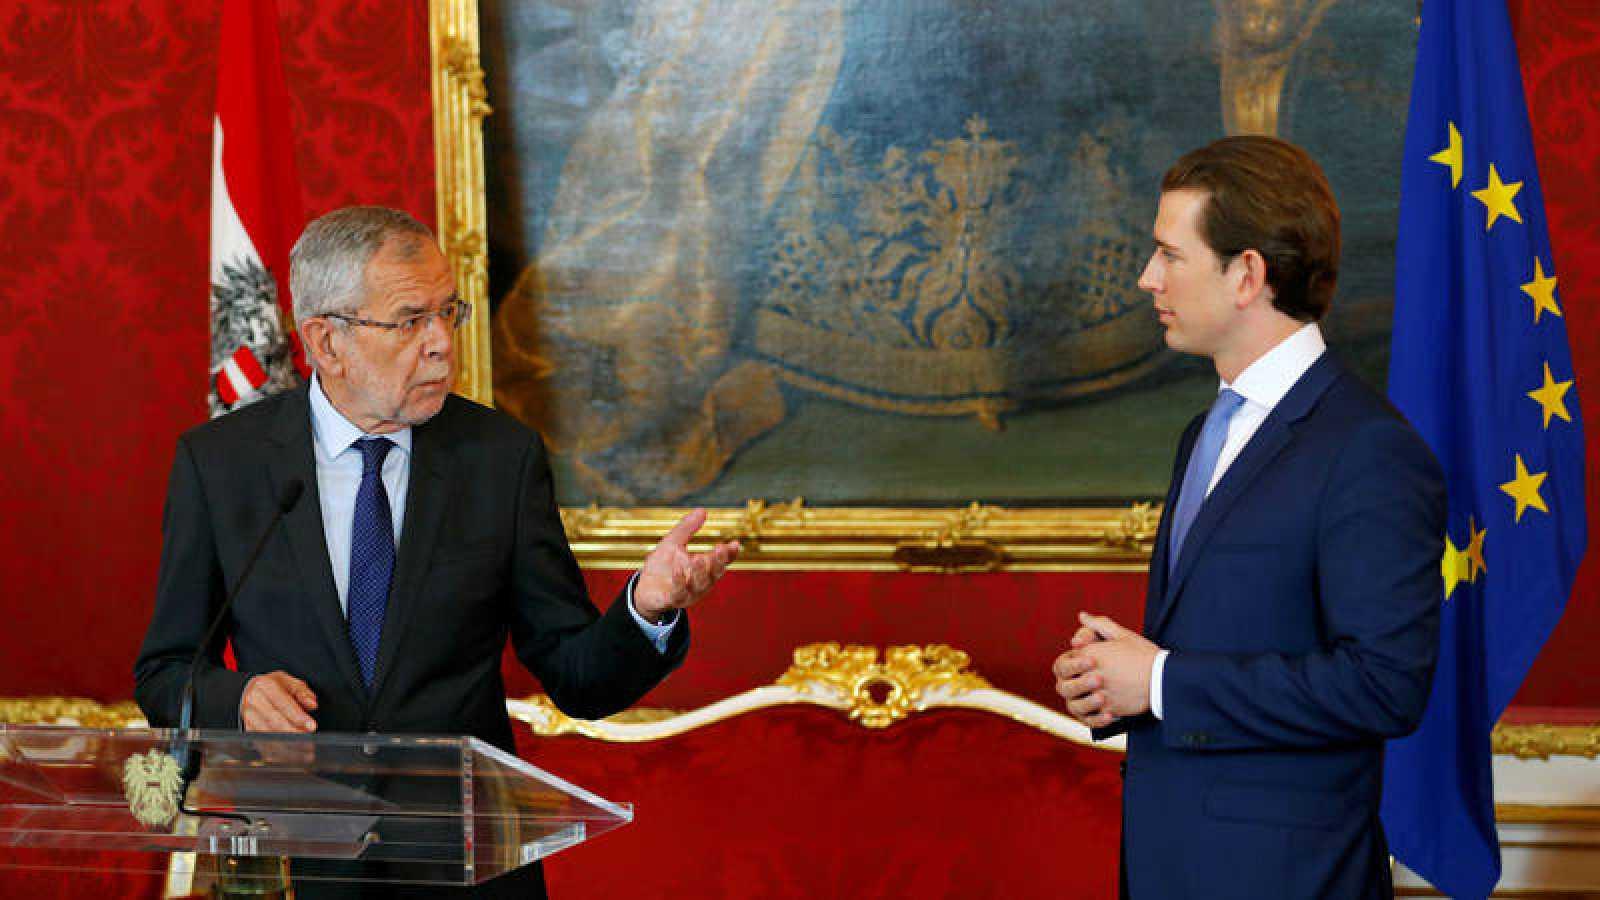 El canciller austriaco Sebastian Kurz y el presidente Alexander Van der Bellen en una conferencia de prensa en Viena.